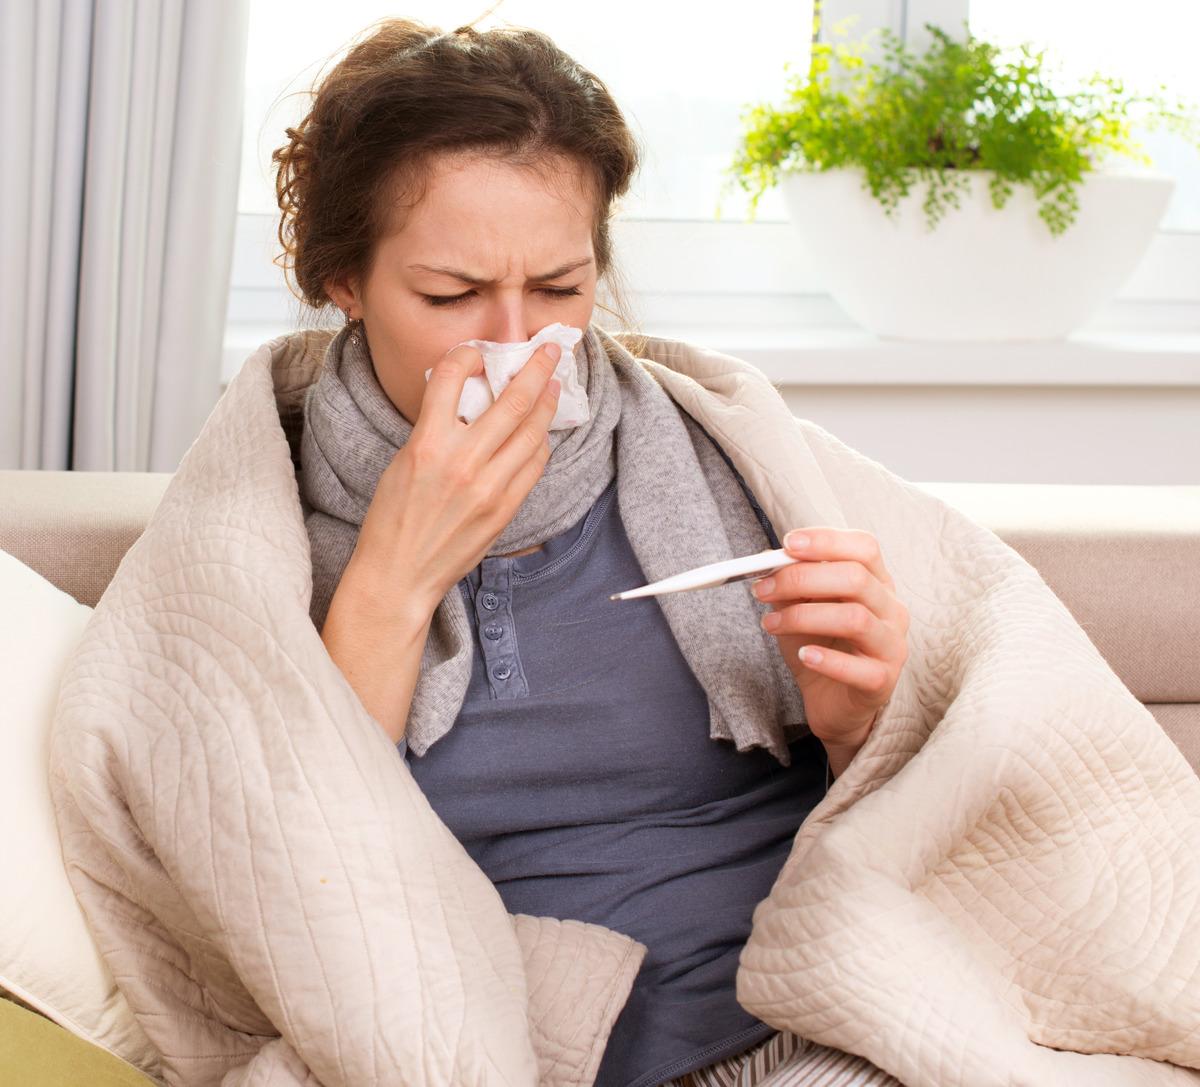 Die Impfung hilft gegen Grippe, nicht gegen einfachere grippale Infekte.